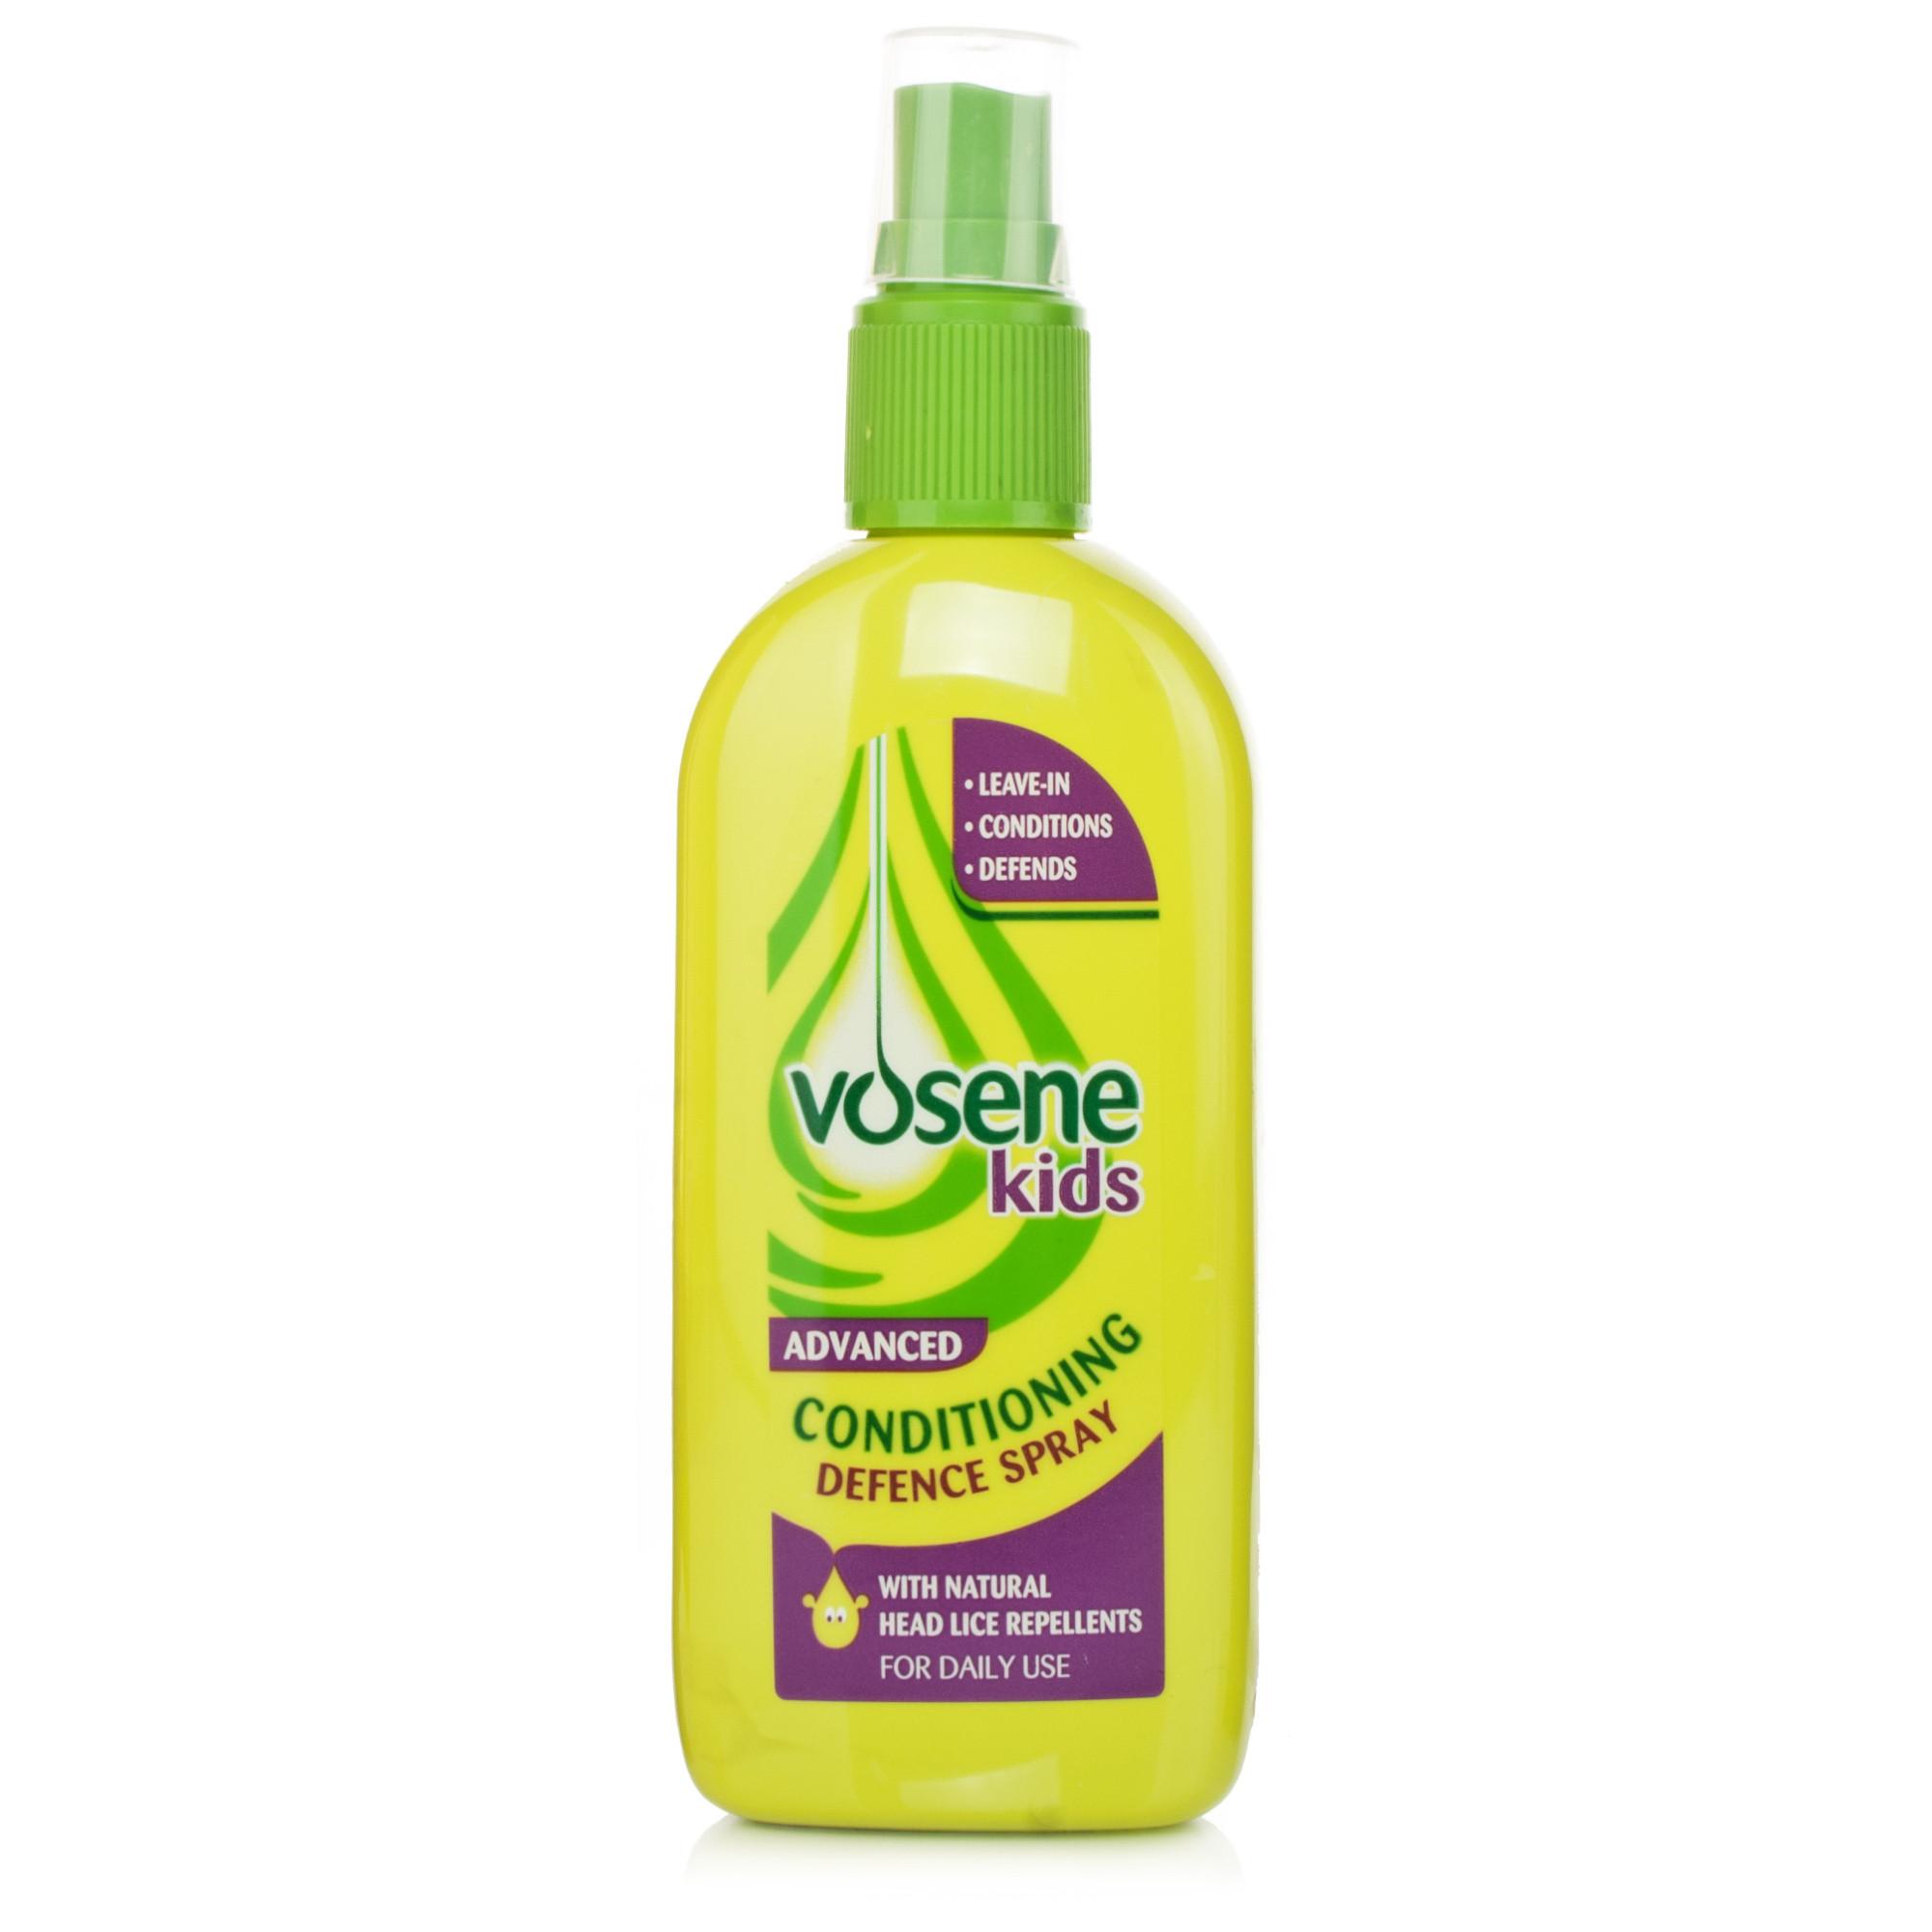 Vosene Kids 3 in 1 Leave-In-Spray Head Lice Repellent